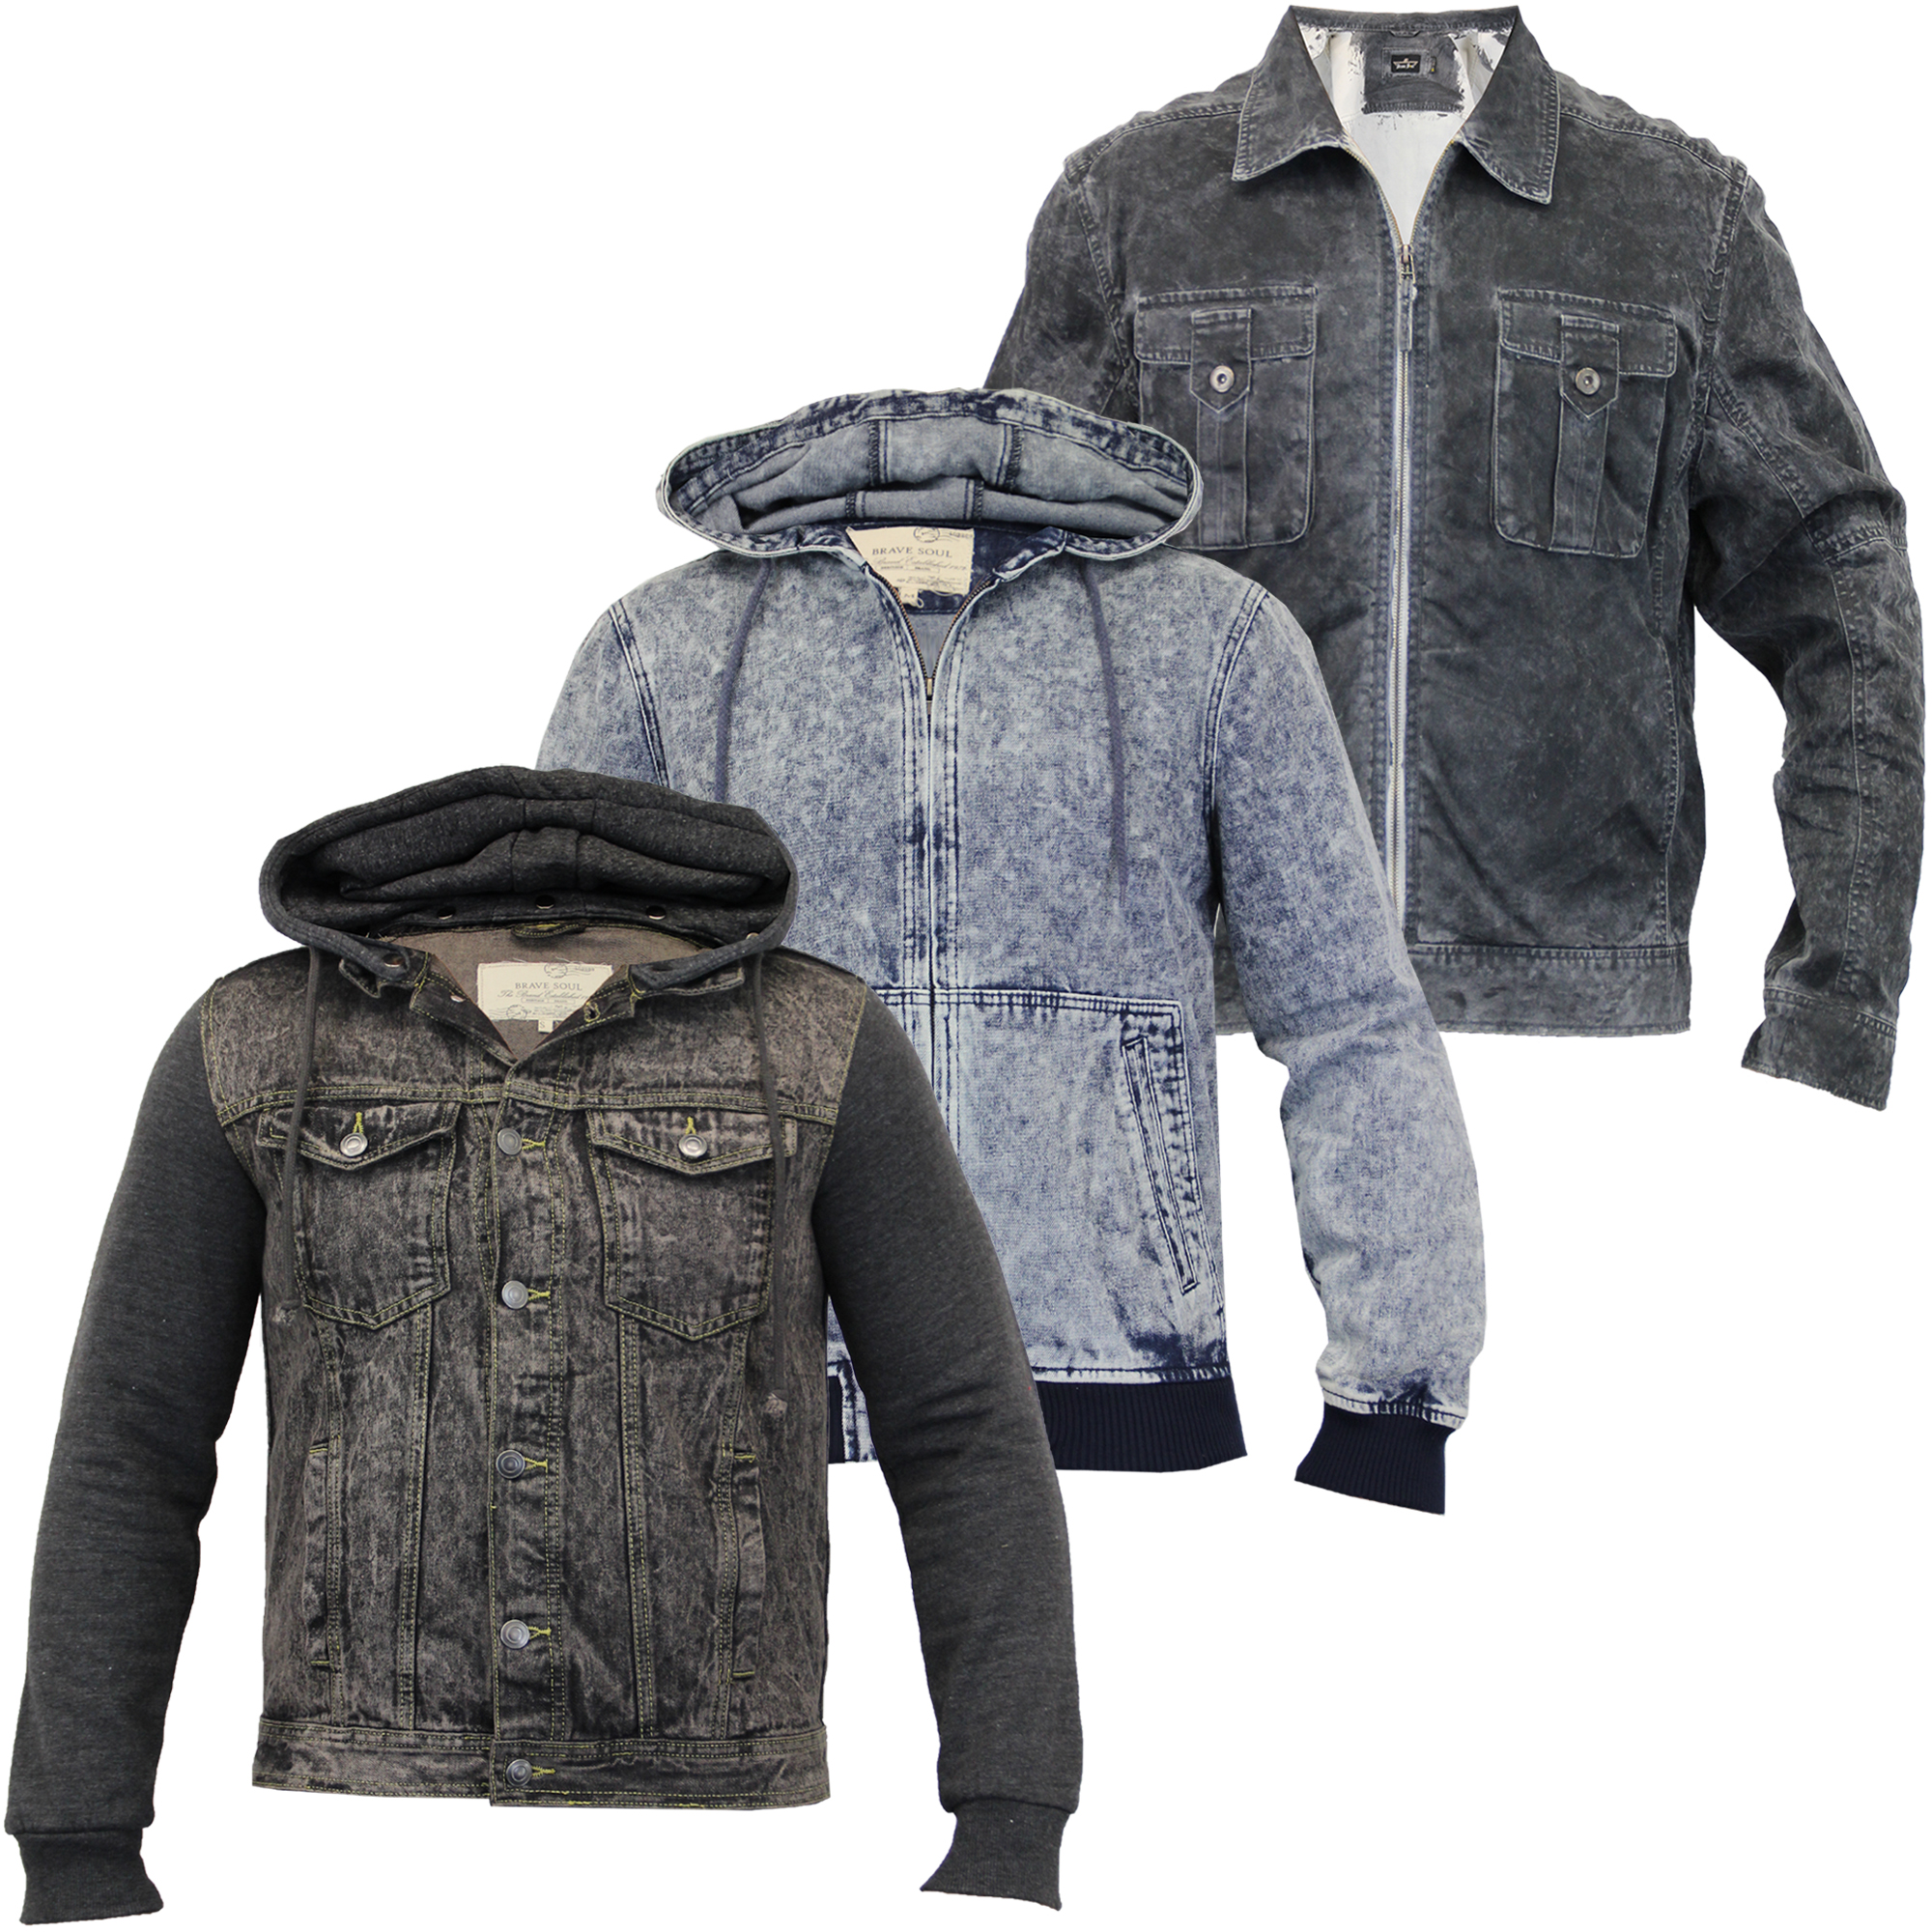 Mens Acid Wash Denim Hooded Jackets By Brave Soul | eBay